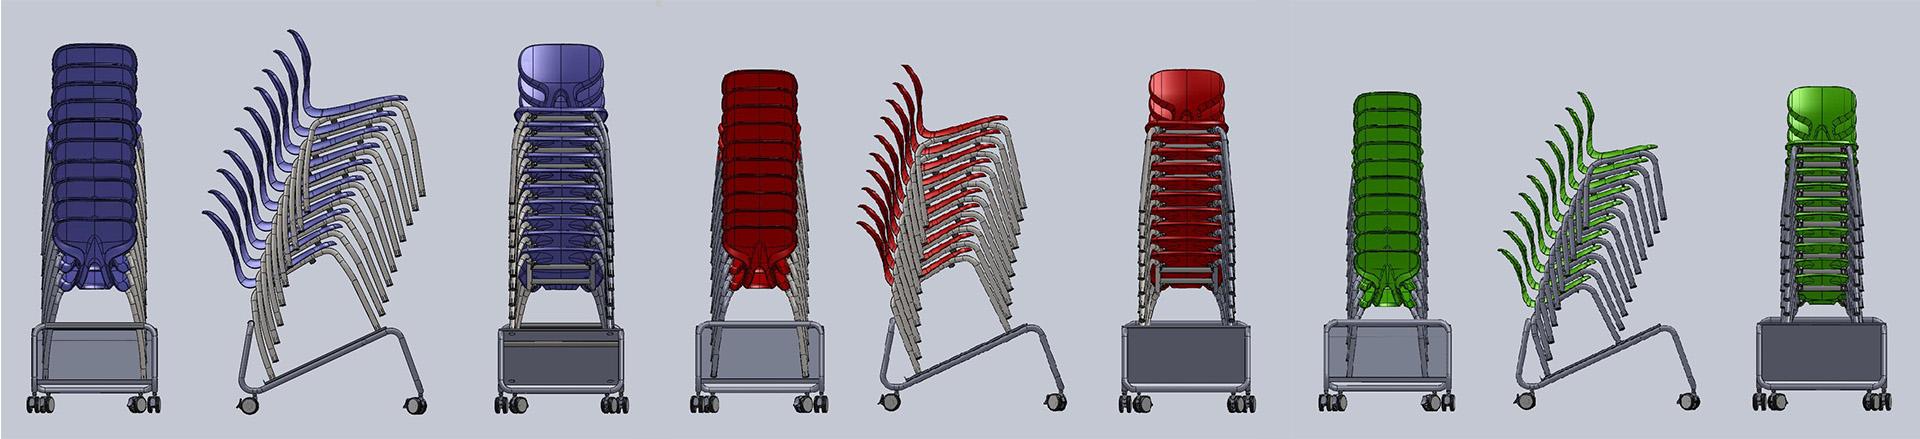 3D CAD maatbepaling met diverse soorten en maten frames uit de stoelenserie